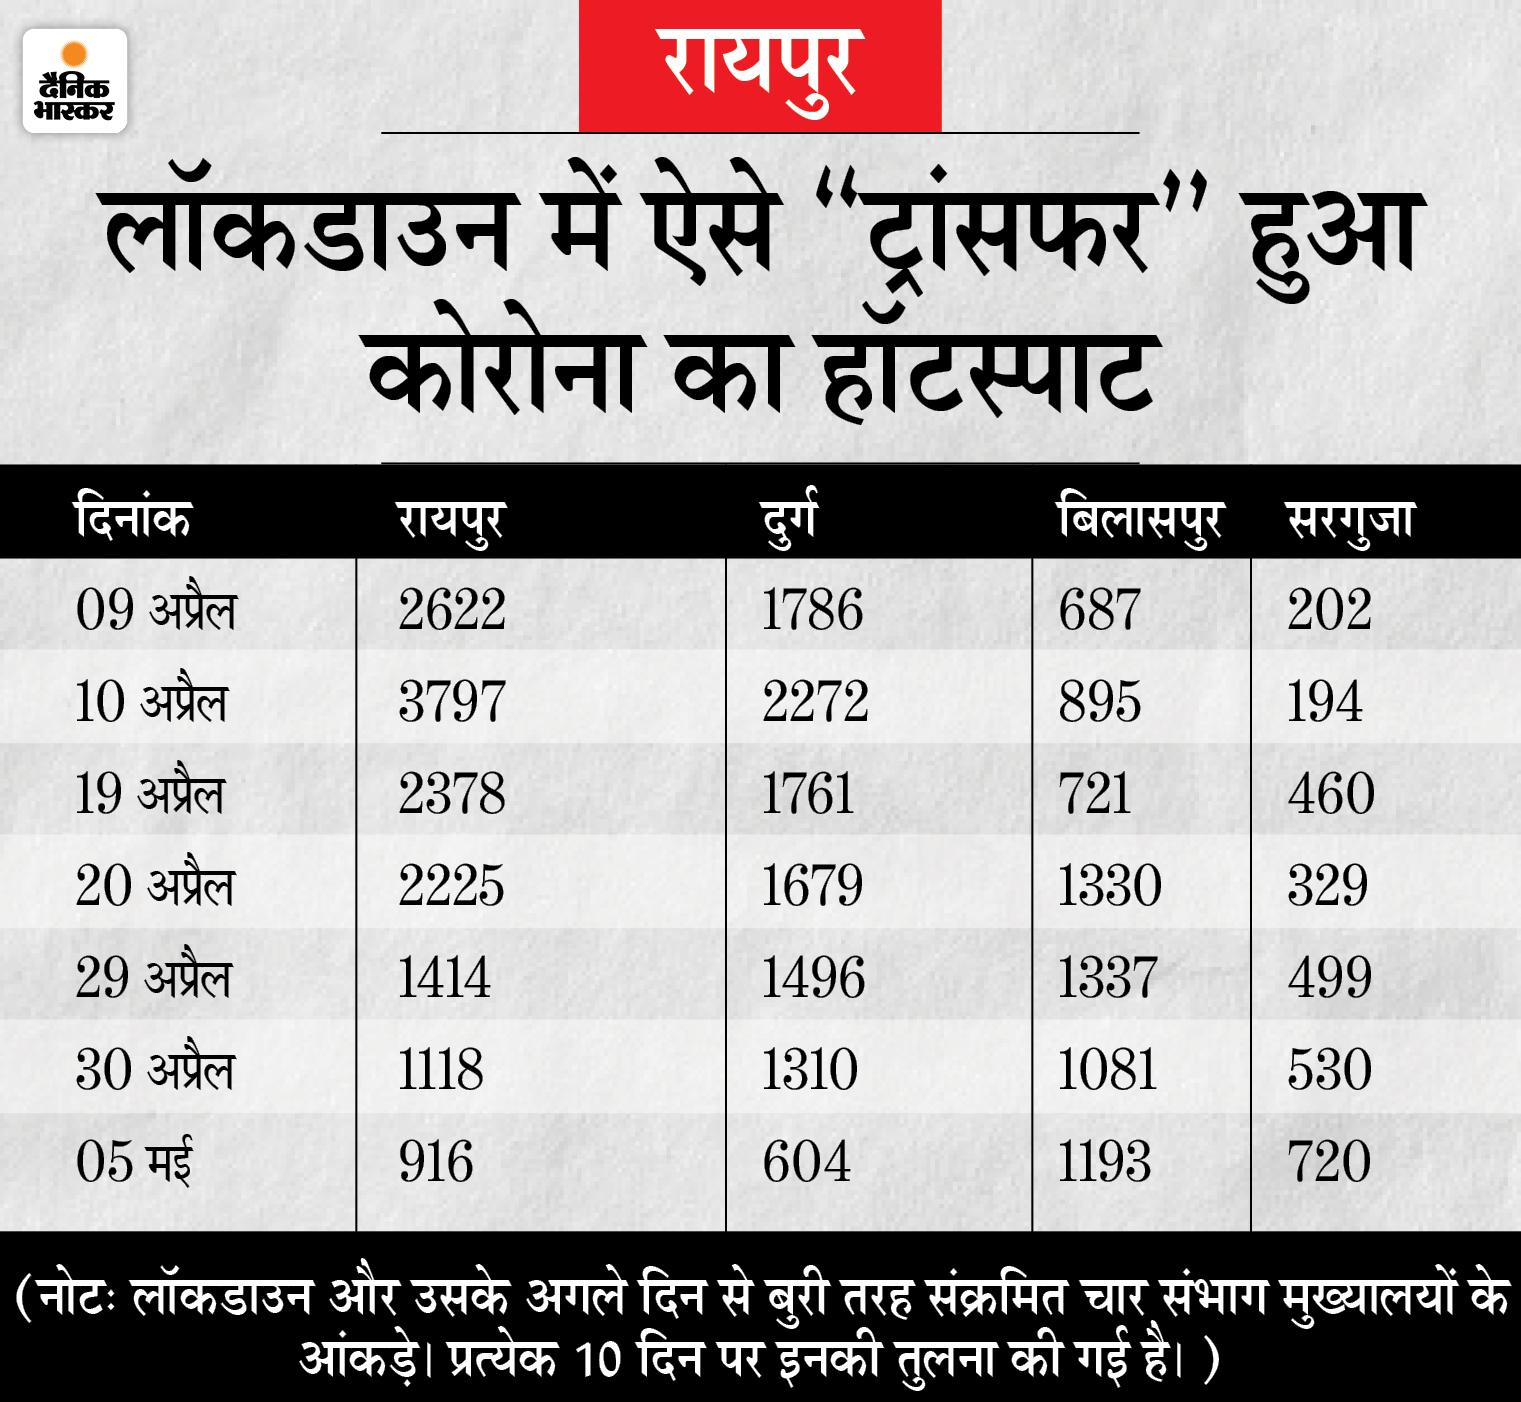 लॉकडाउन में ट्रांसफर हुआ कोरोना का हॉटस्पाट; रायपुर-दुर्ग की जगह बिलासपुर-सरगुजा संभागों में अब अधिक संक्रमण, गांवों में बढ़ा खतरा|रायपुर,Raipur - Dainik Bhaskar